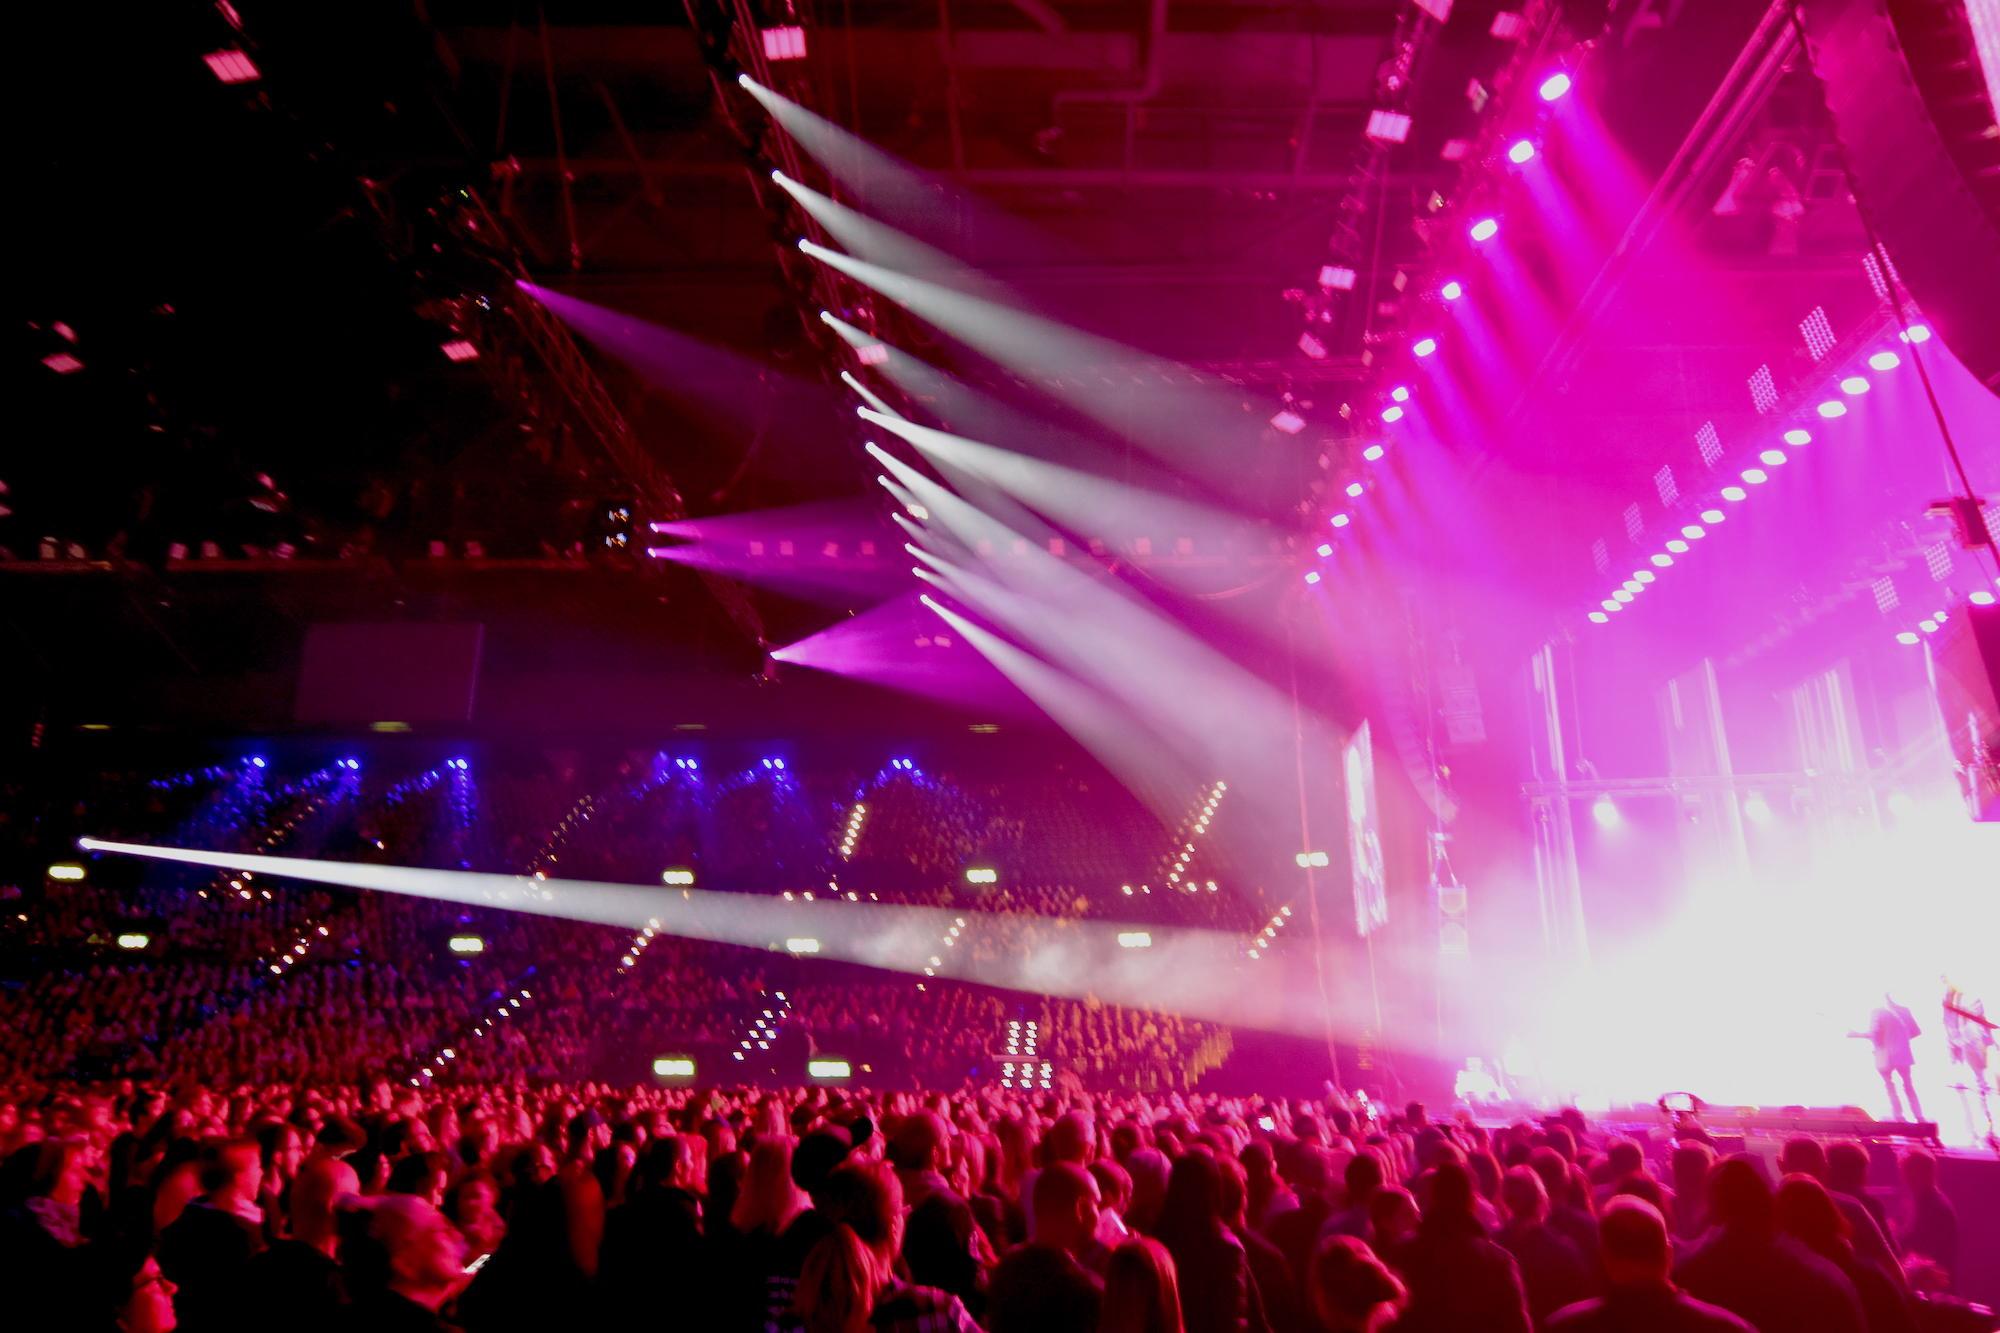 Die Bühne, voll beleuchtet.